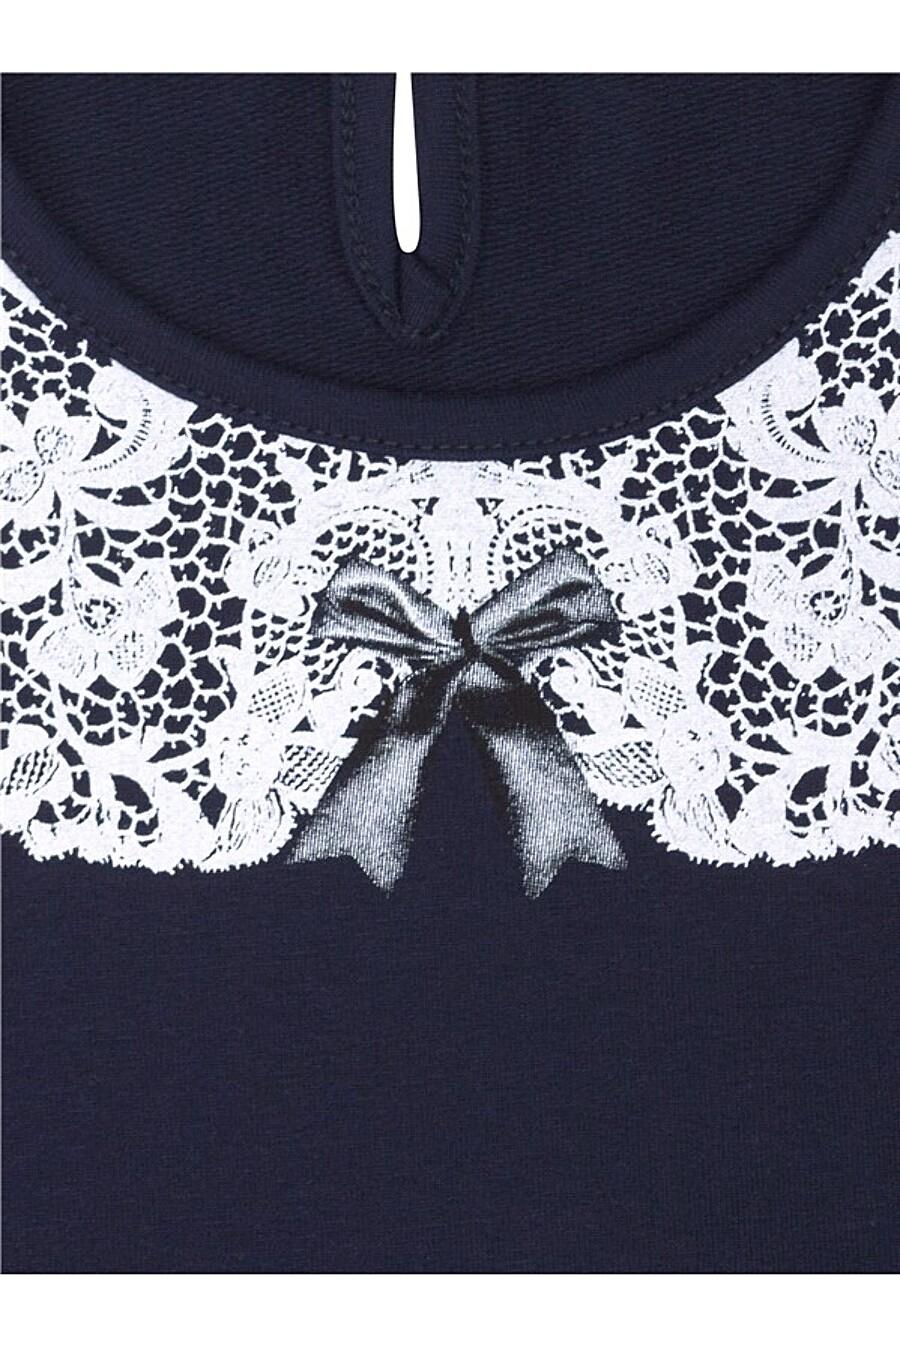 Платье для девочек АПРЕЛЬ 683533 купить оптом от производителя. Совместная покупка детской одежды в OptMoyo